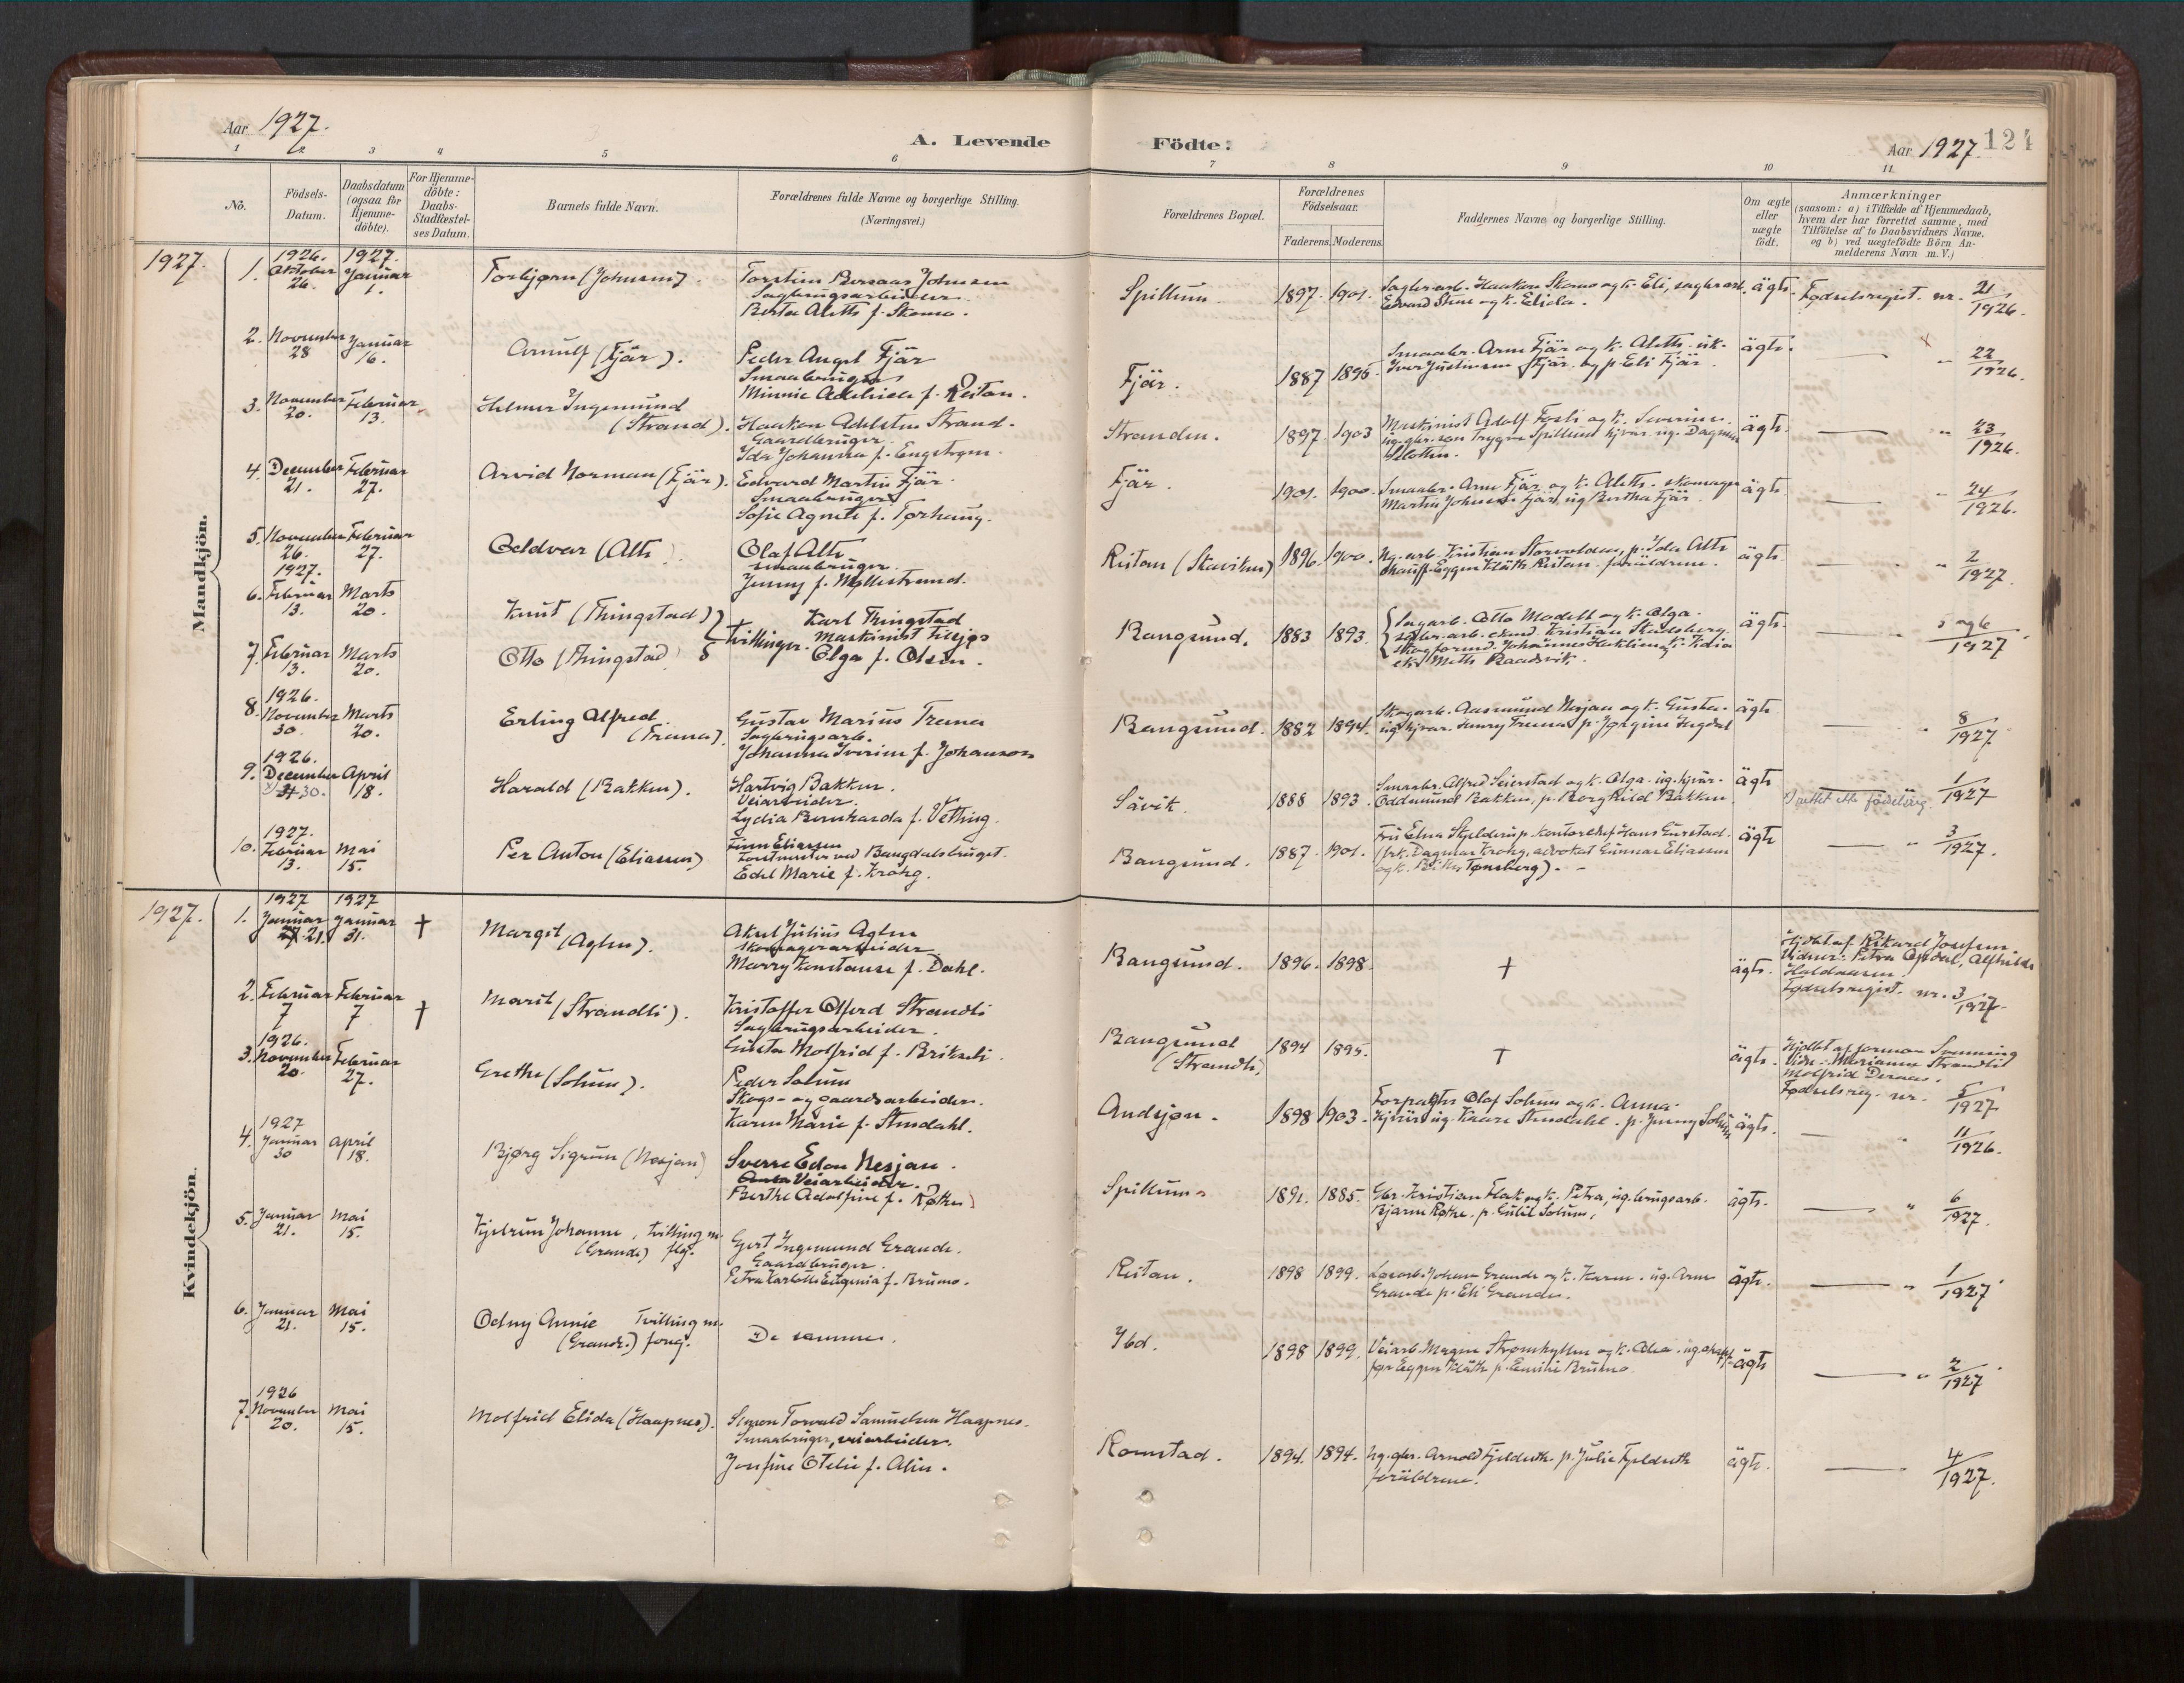 SAT, Ministerialprotokoller, klokkerbøker og fødselsregistre - Nord-Trøndelag, 770/L0589: Ministerialbok nr. 770A03, 1887-1929, s. 124